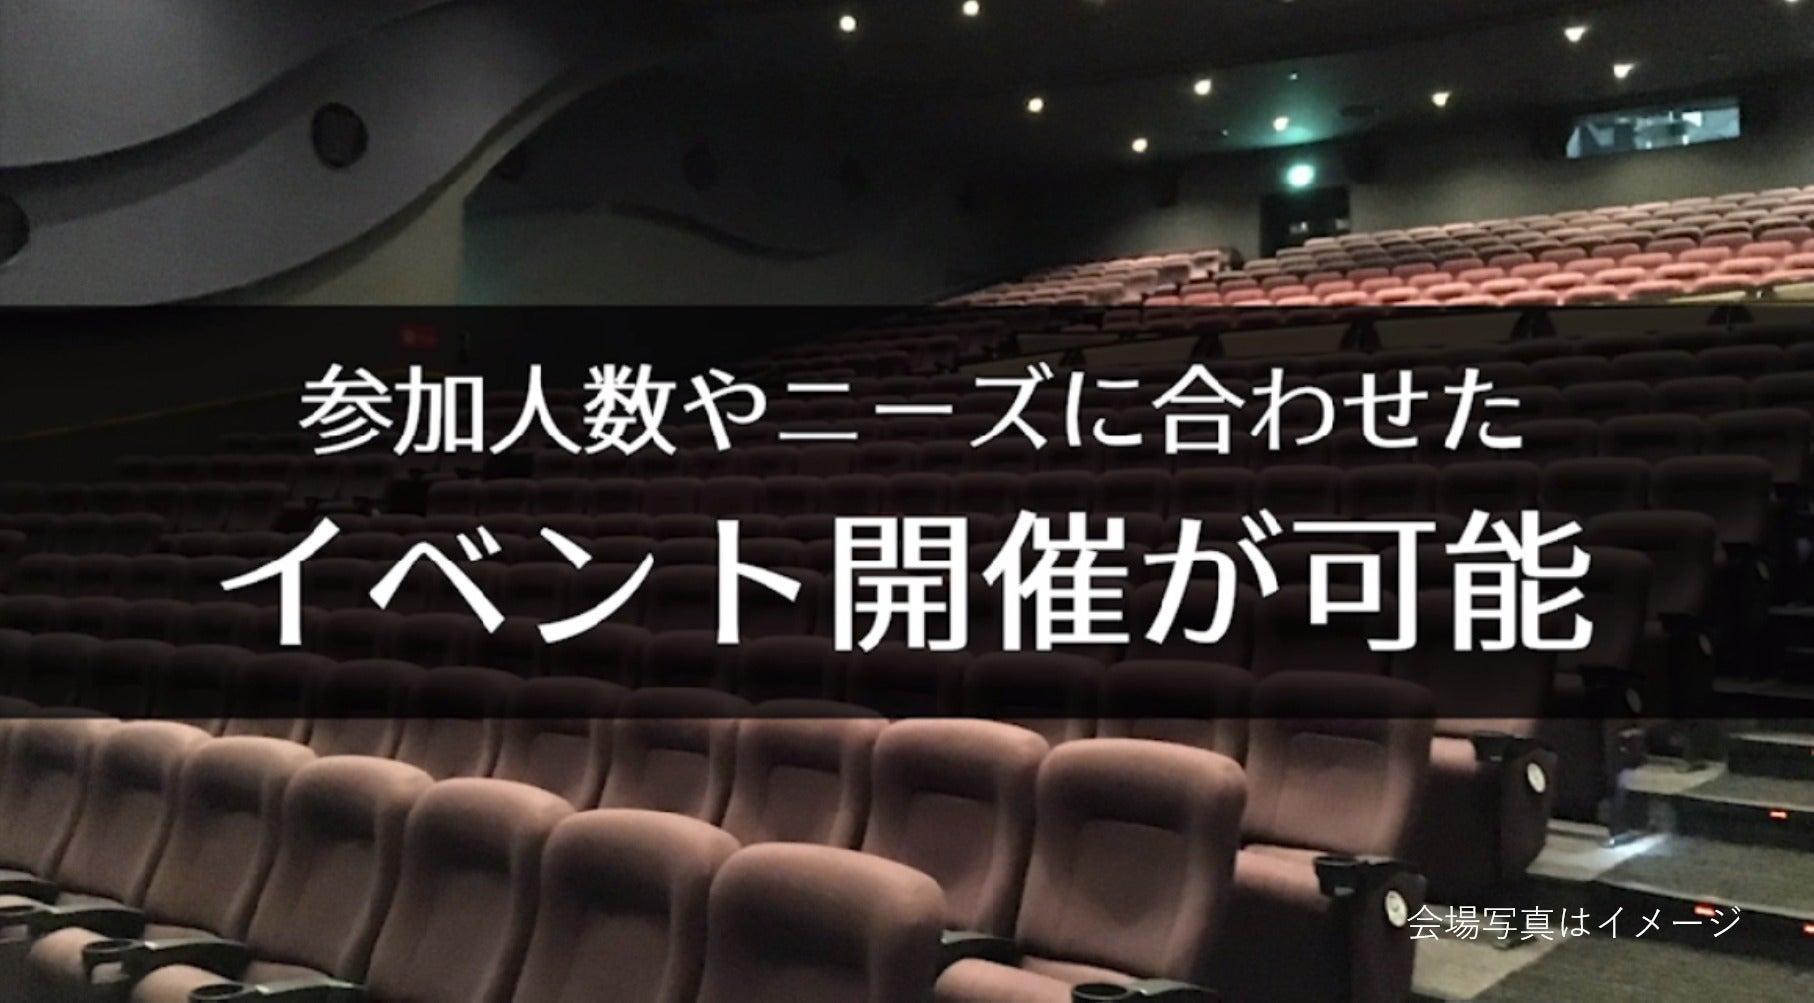 【幸手 157席】映画館で、会社説明会、株主総会、講演会の企画はいかがですか?(シネプレックス幸手) の写真0